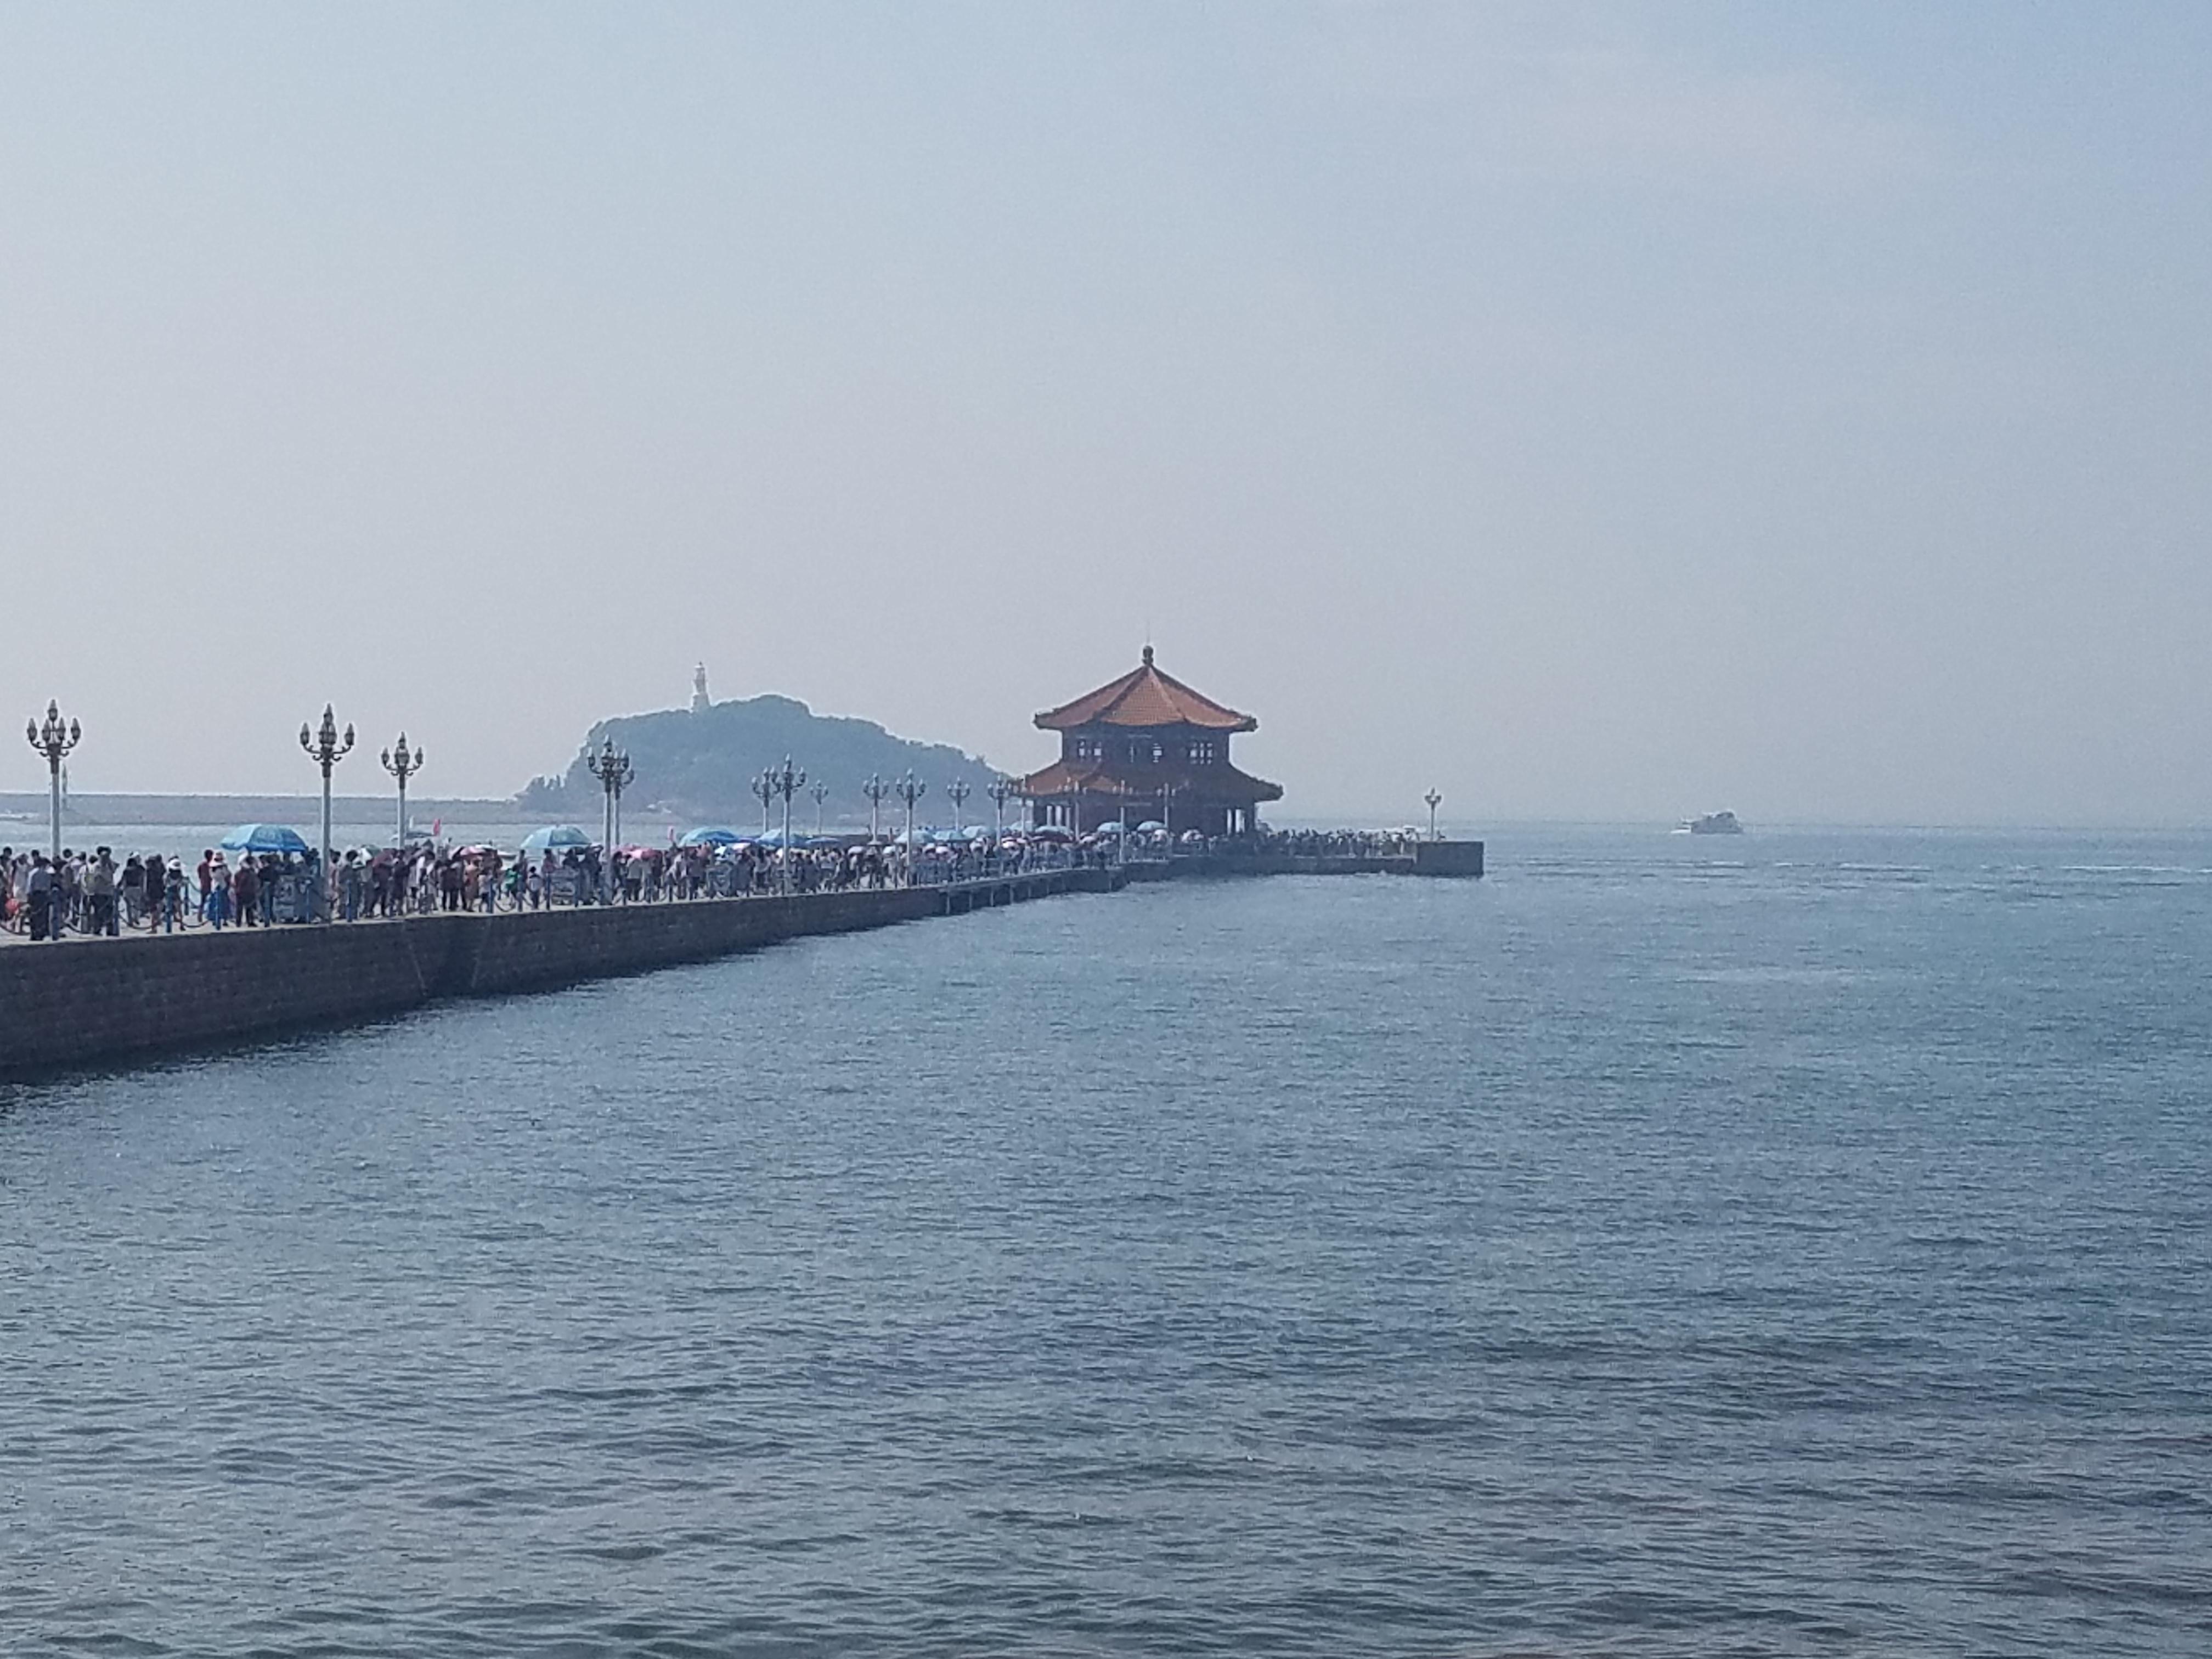 【携程攻略】山东青岛栈桥好玩吗,山东栈桥景点怎么样